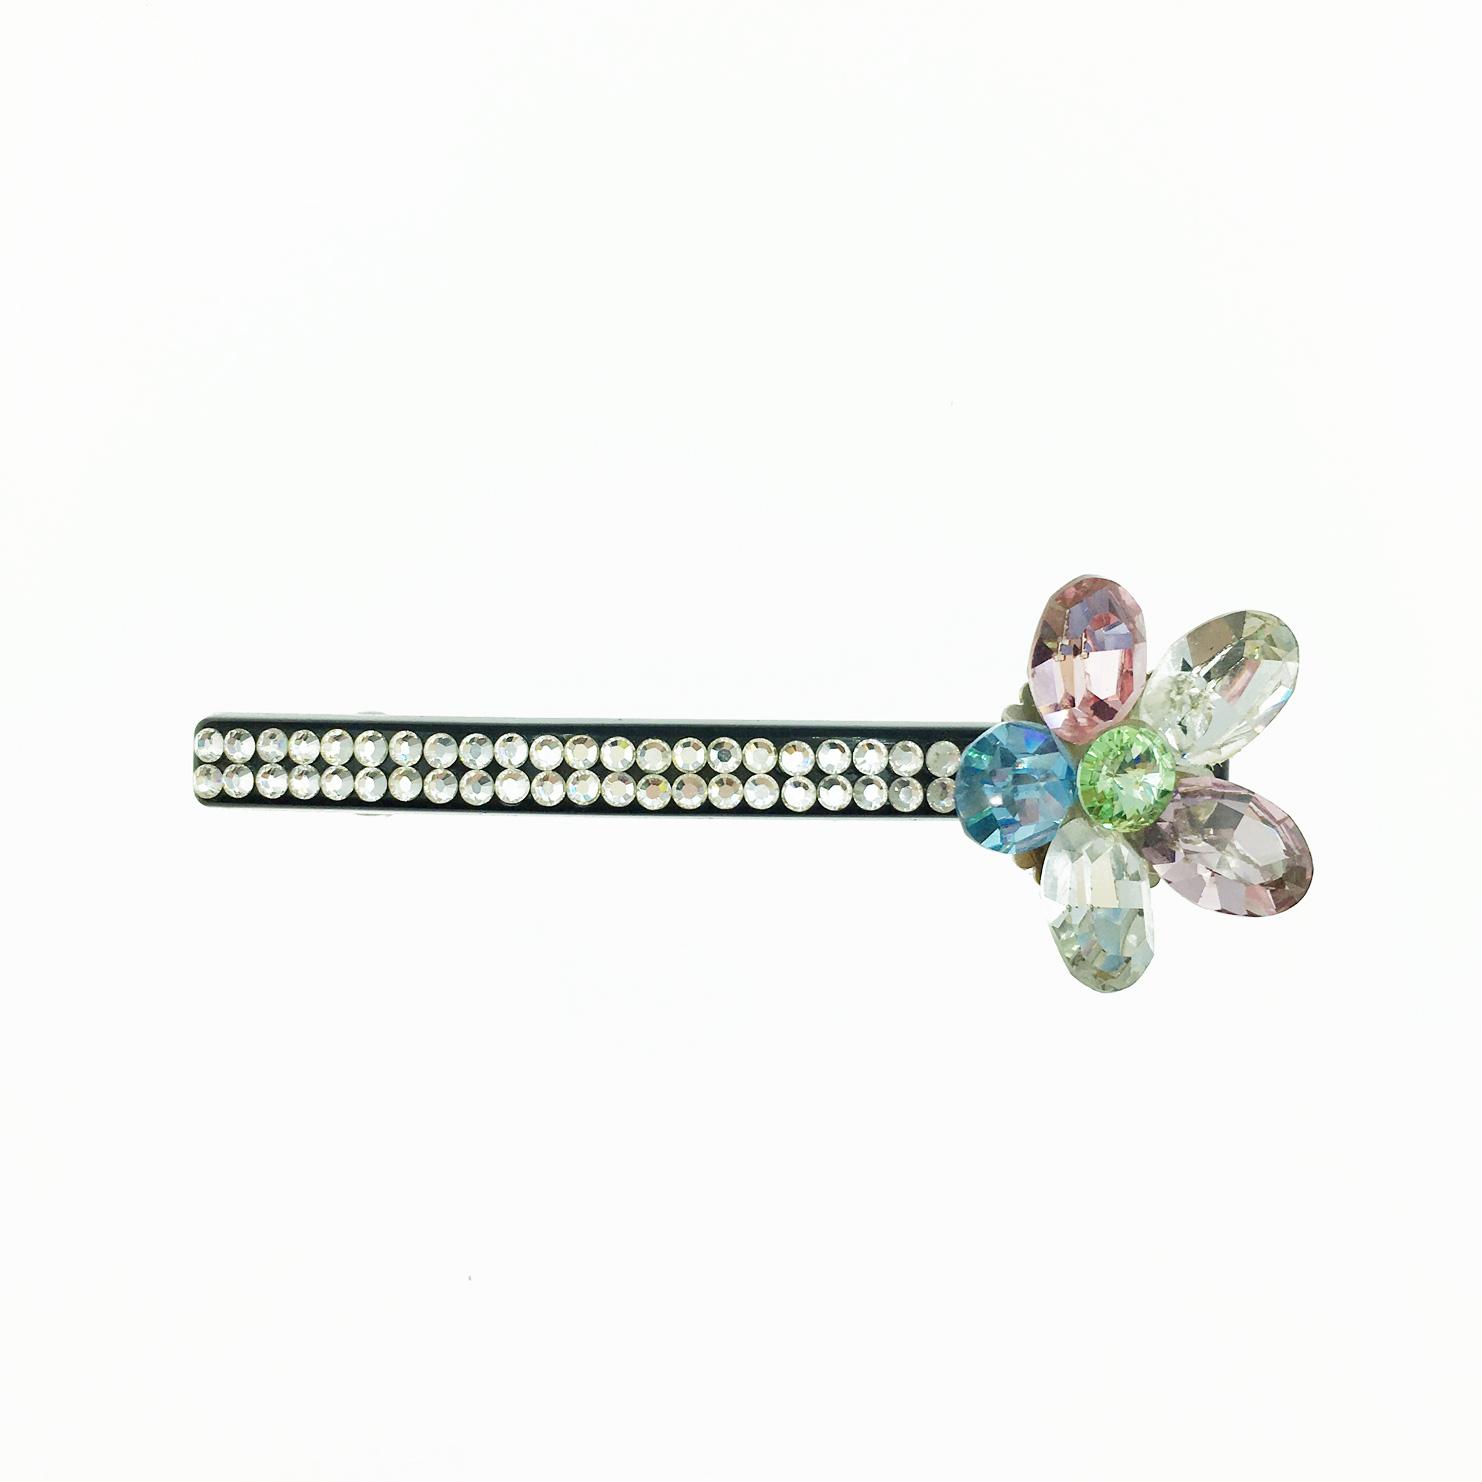 韓國 水鑽花 彩鑽 白排鑽 髮夾 自動夾 採用施華洛世奇水晶元素 Crystals from Swarovski